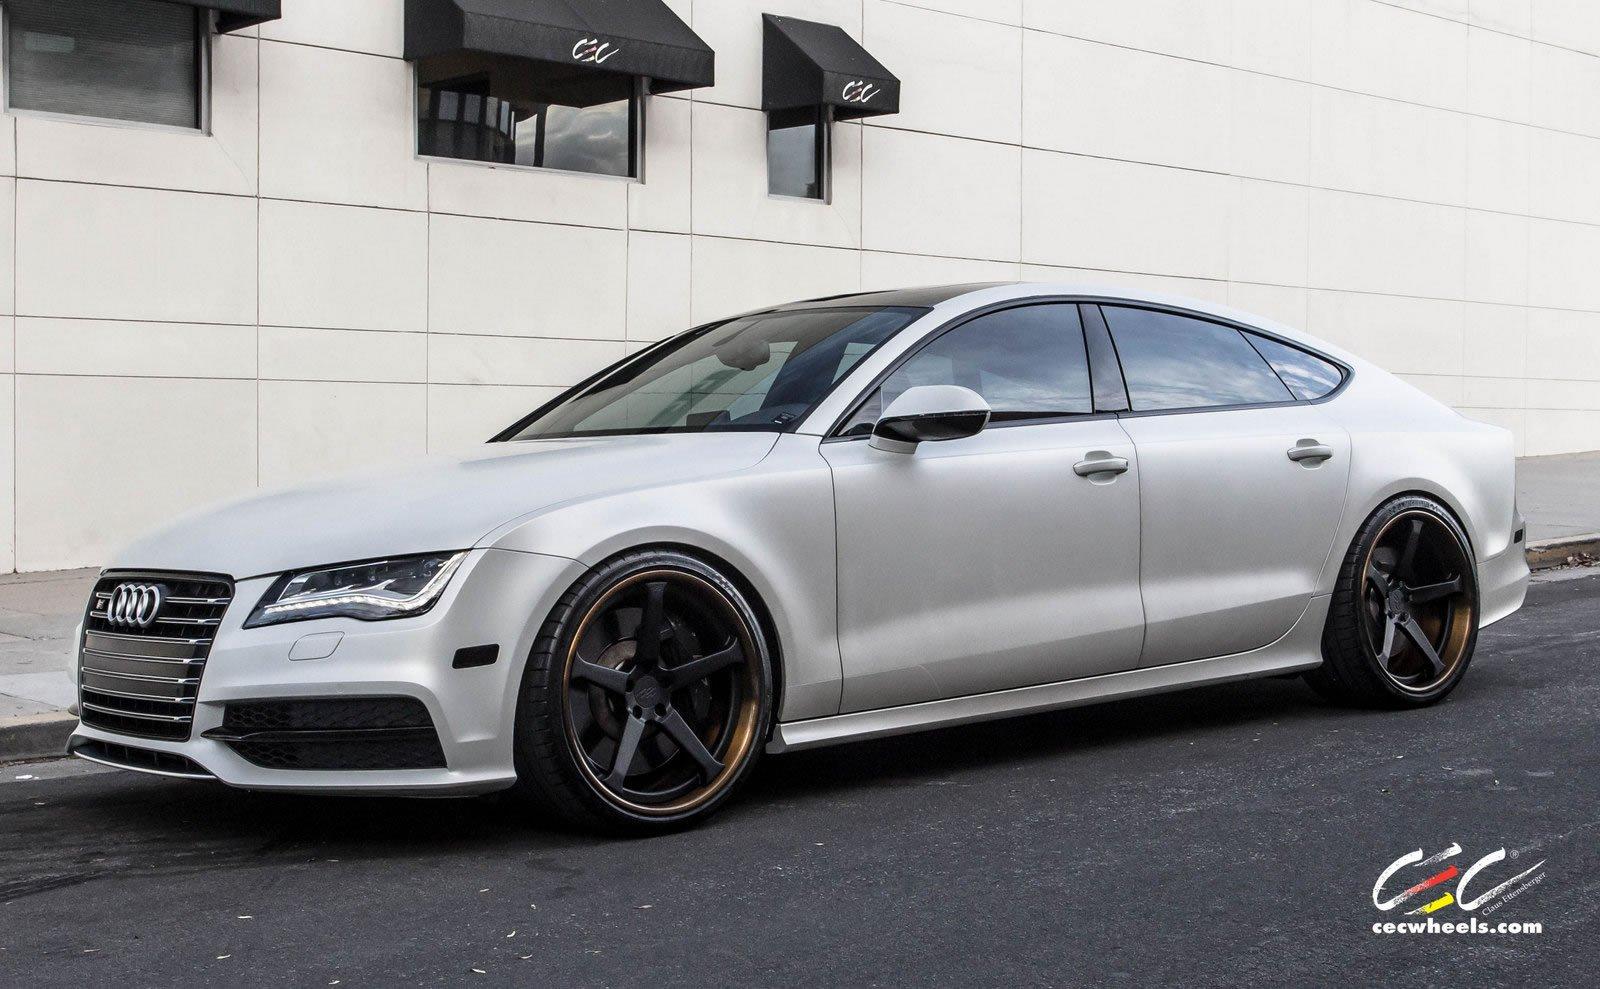 2015 cars CEC Tuning wheels audi S7 wallpaper 1600x989 618628 1600x989